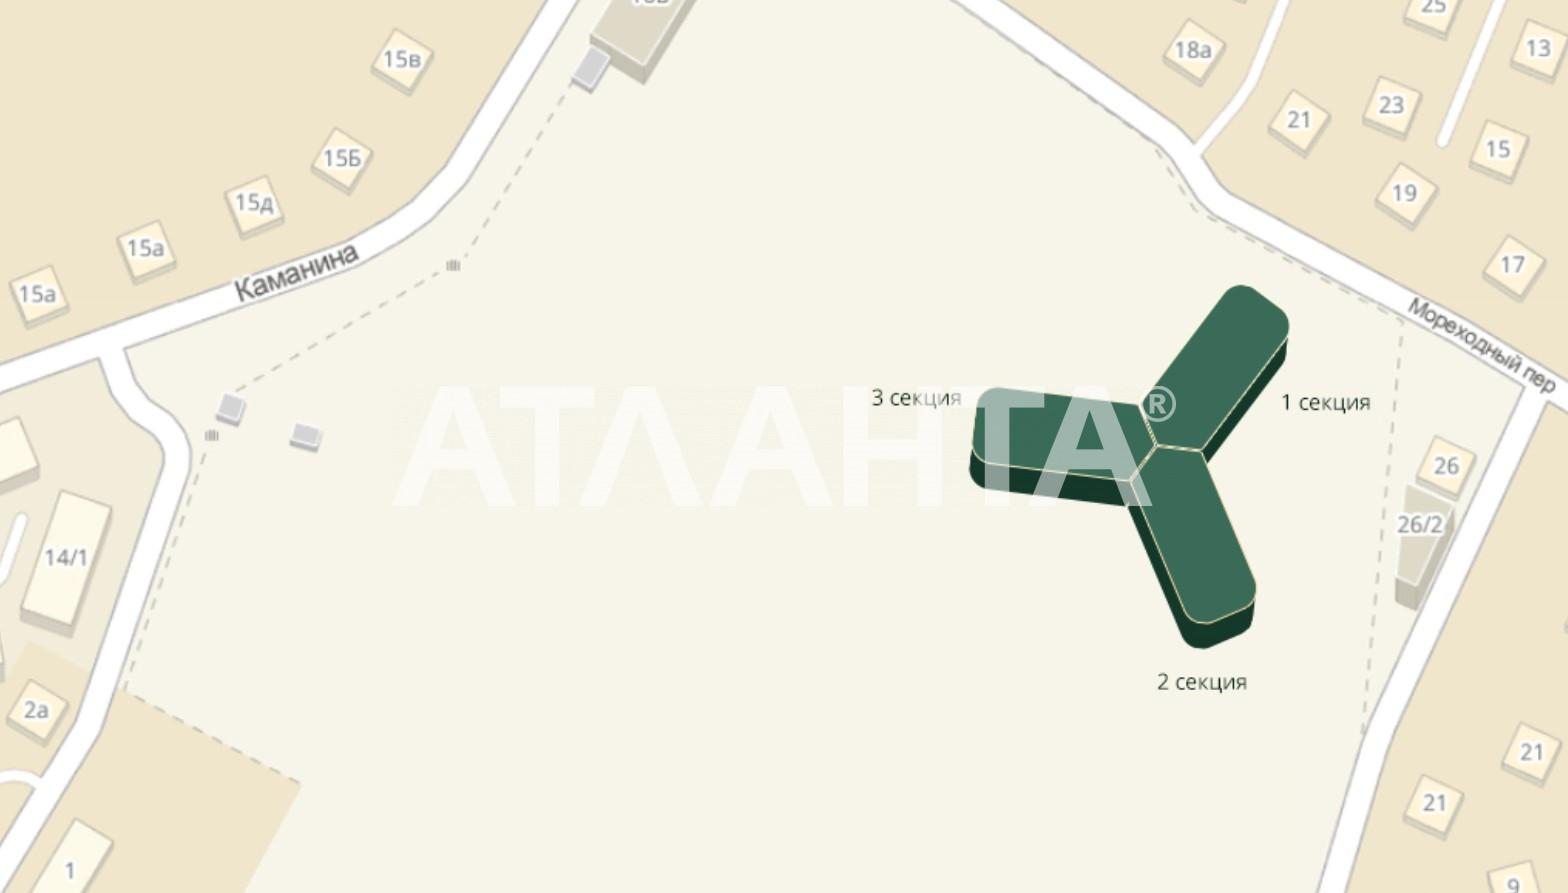 Продается 1-комнатная Квартира на ул. Каманина — 39 700 у.е. (фото №5)